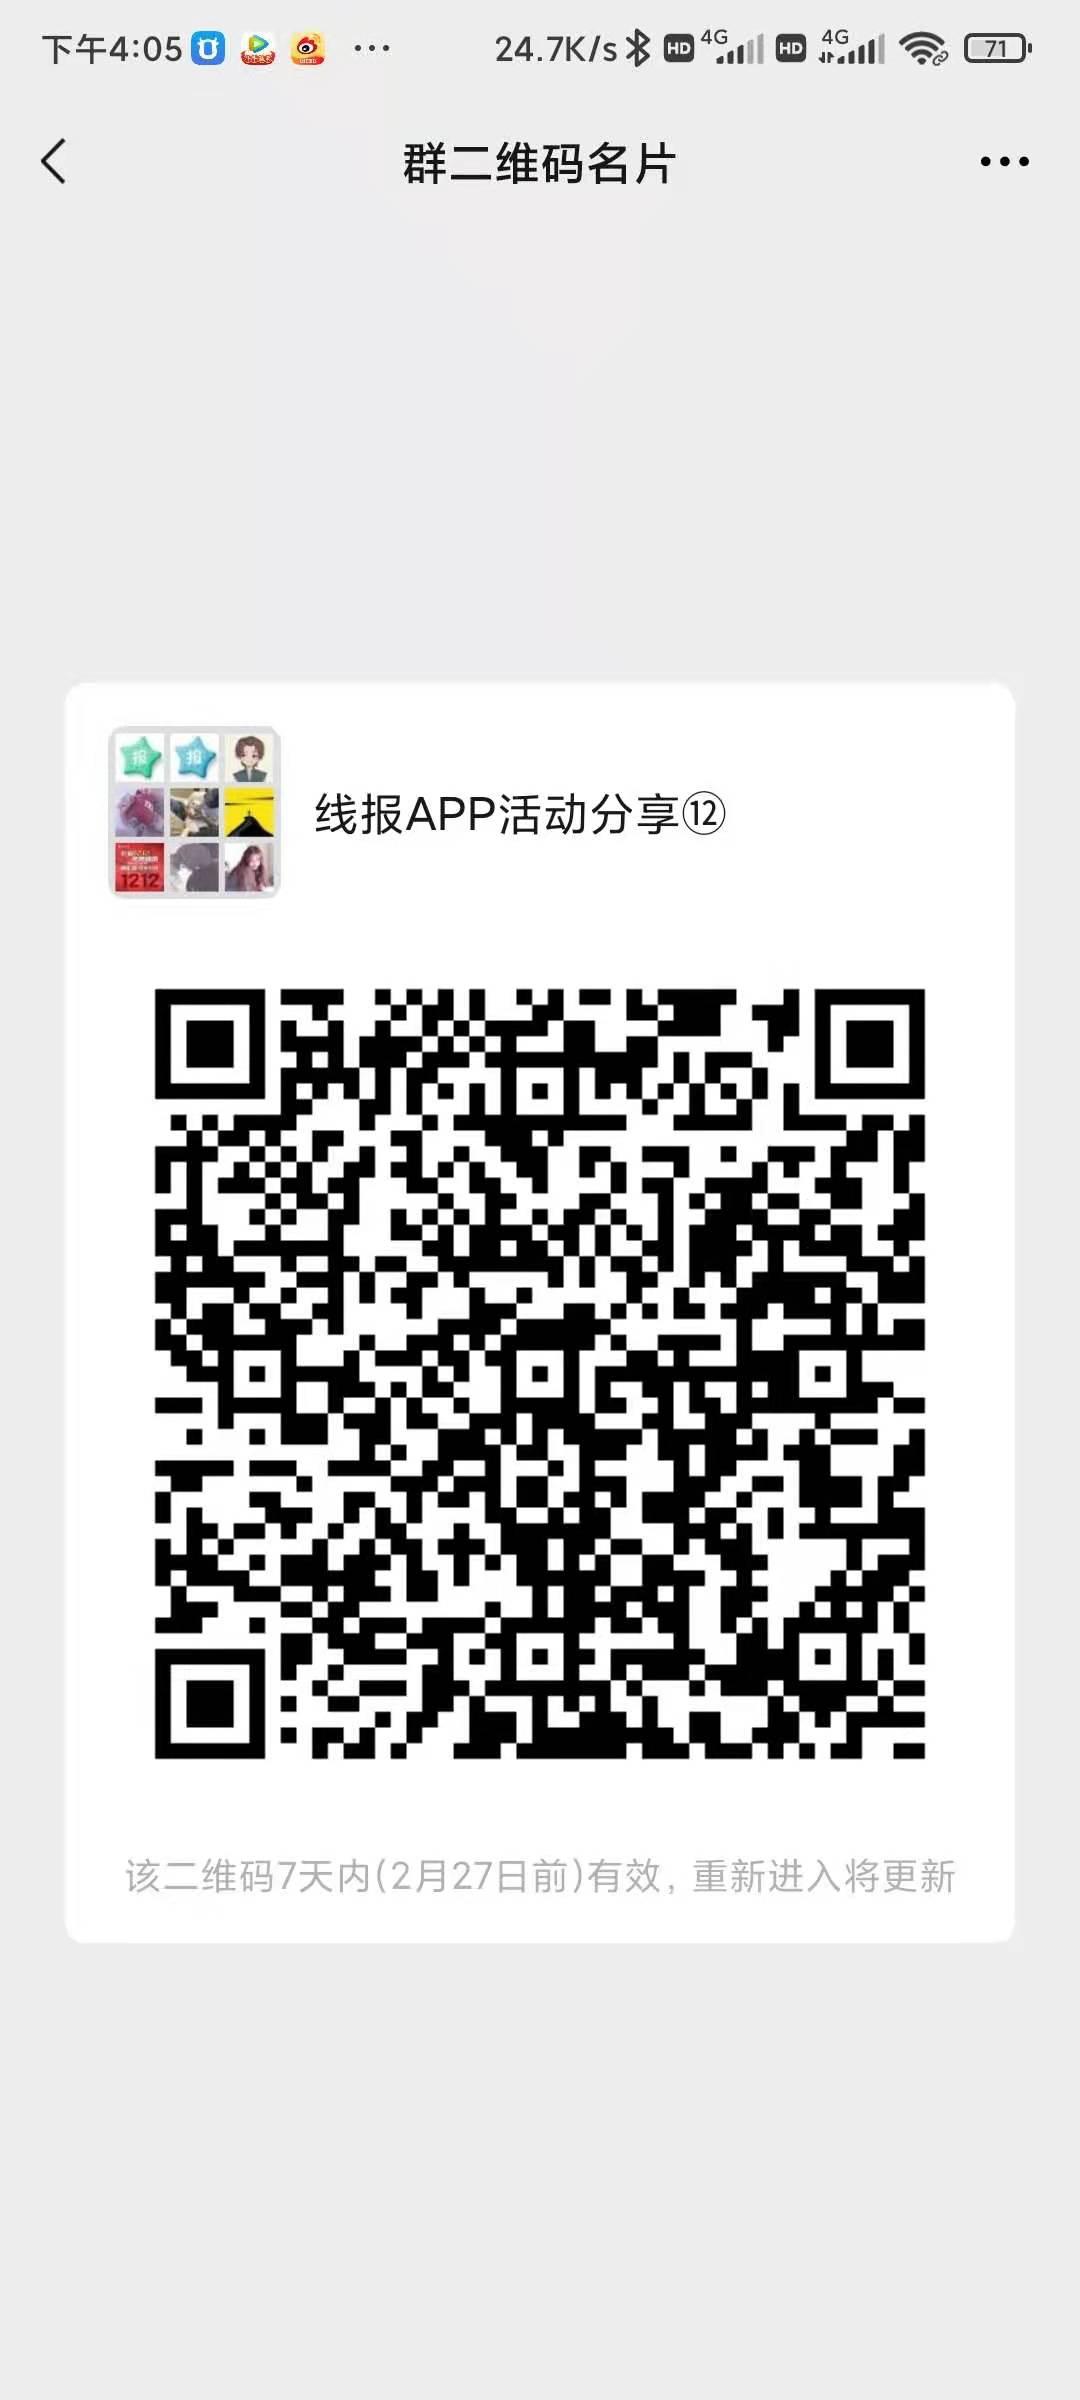 线报酷QQ/微信活动分享群来了!